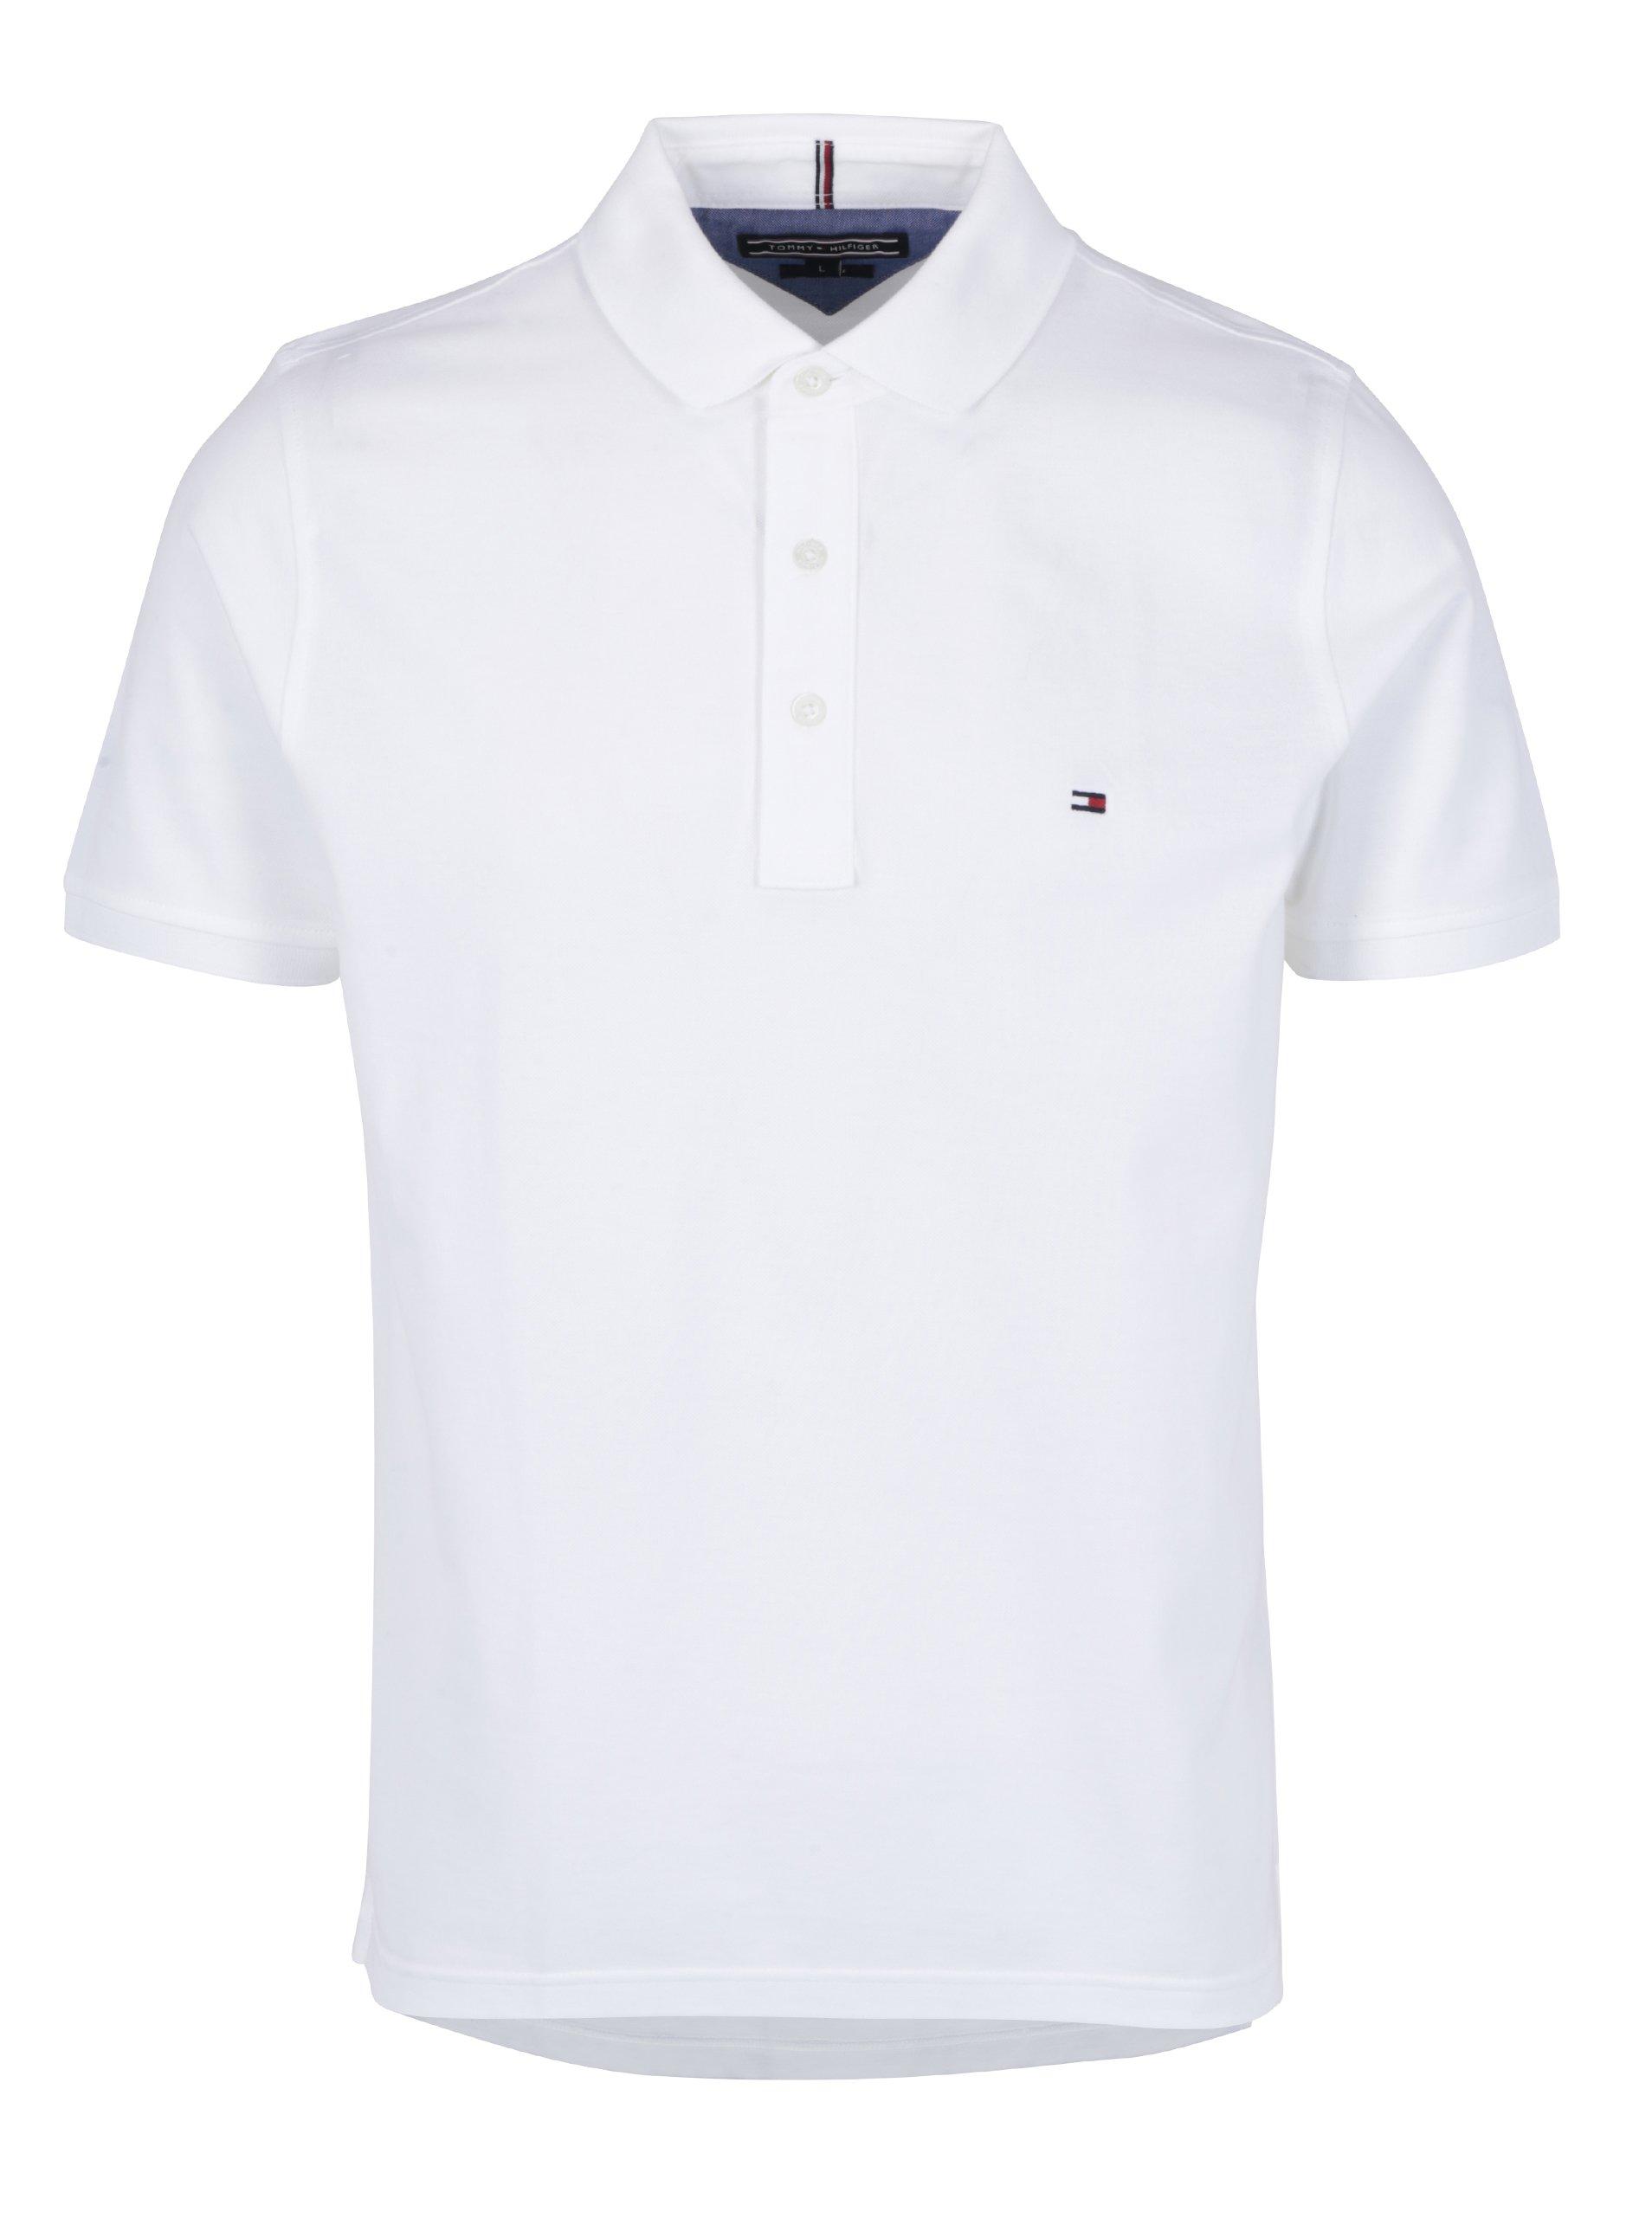 Bílé pánské polo triko Tommy Hilfiger Luxury